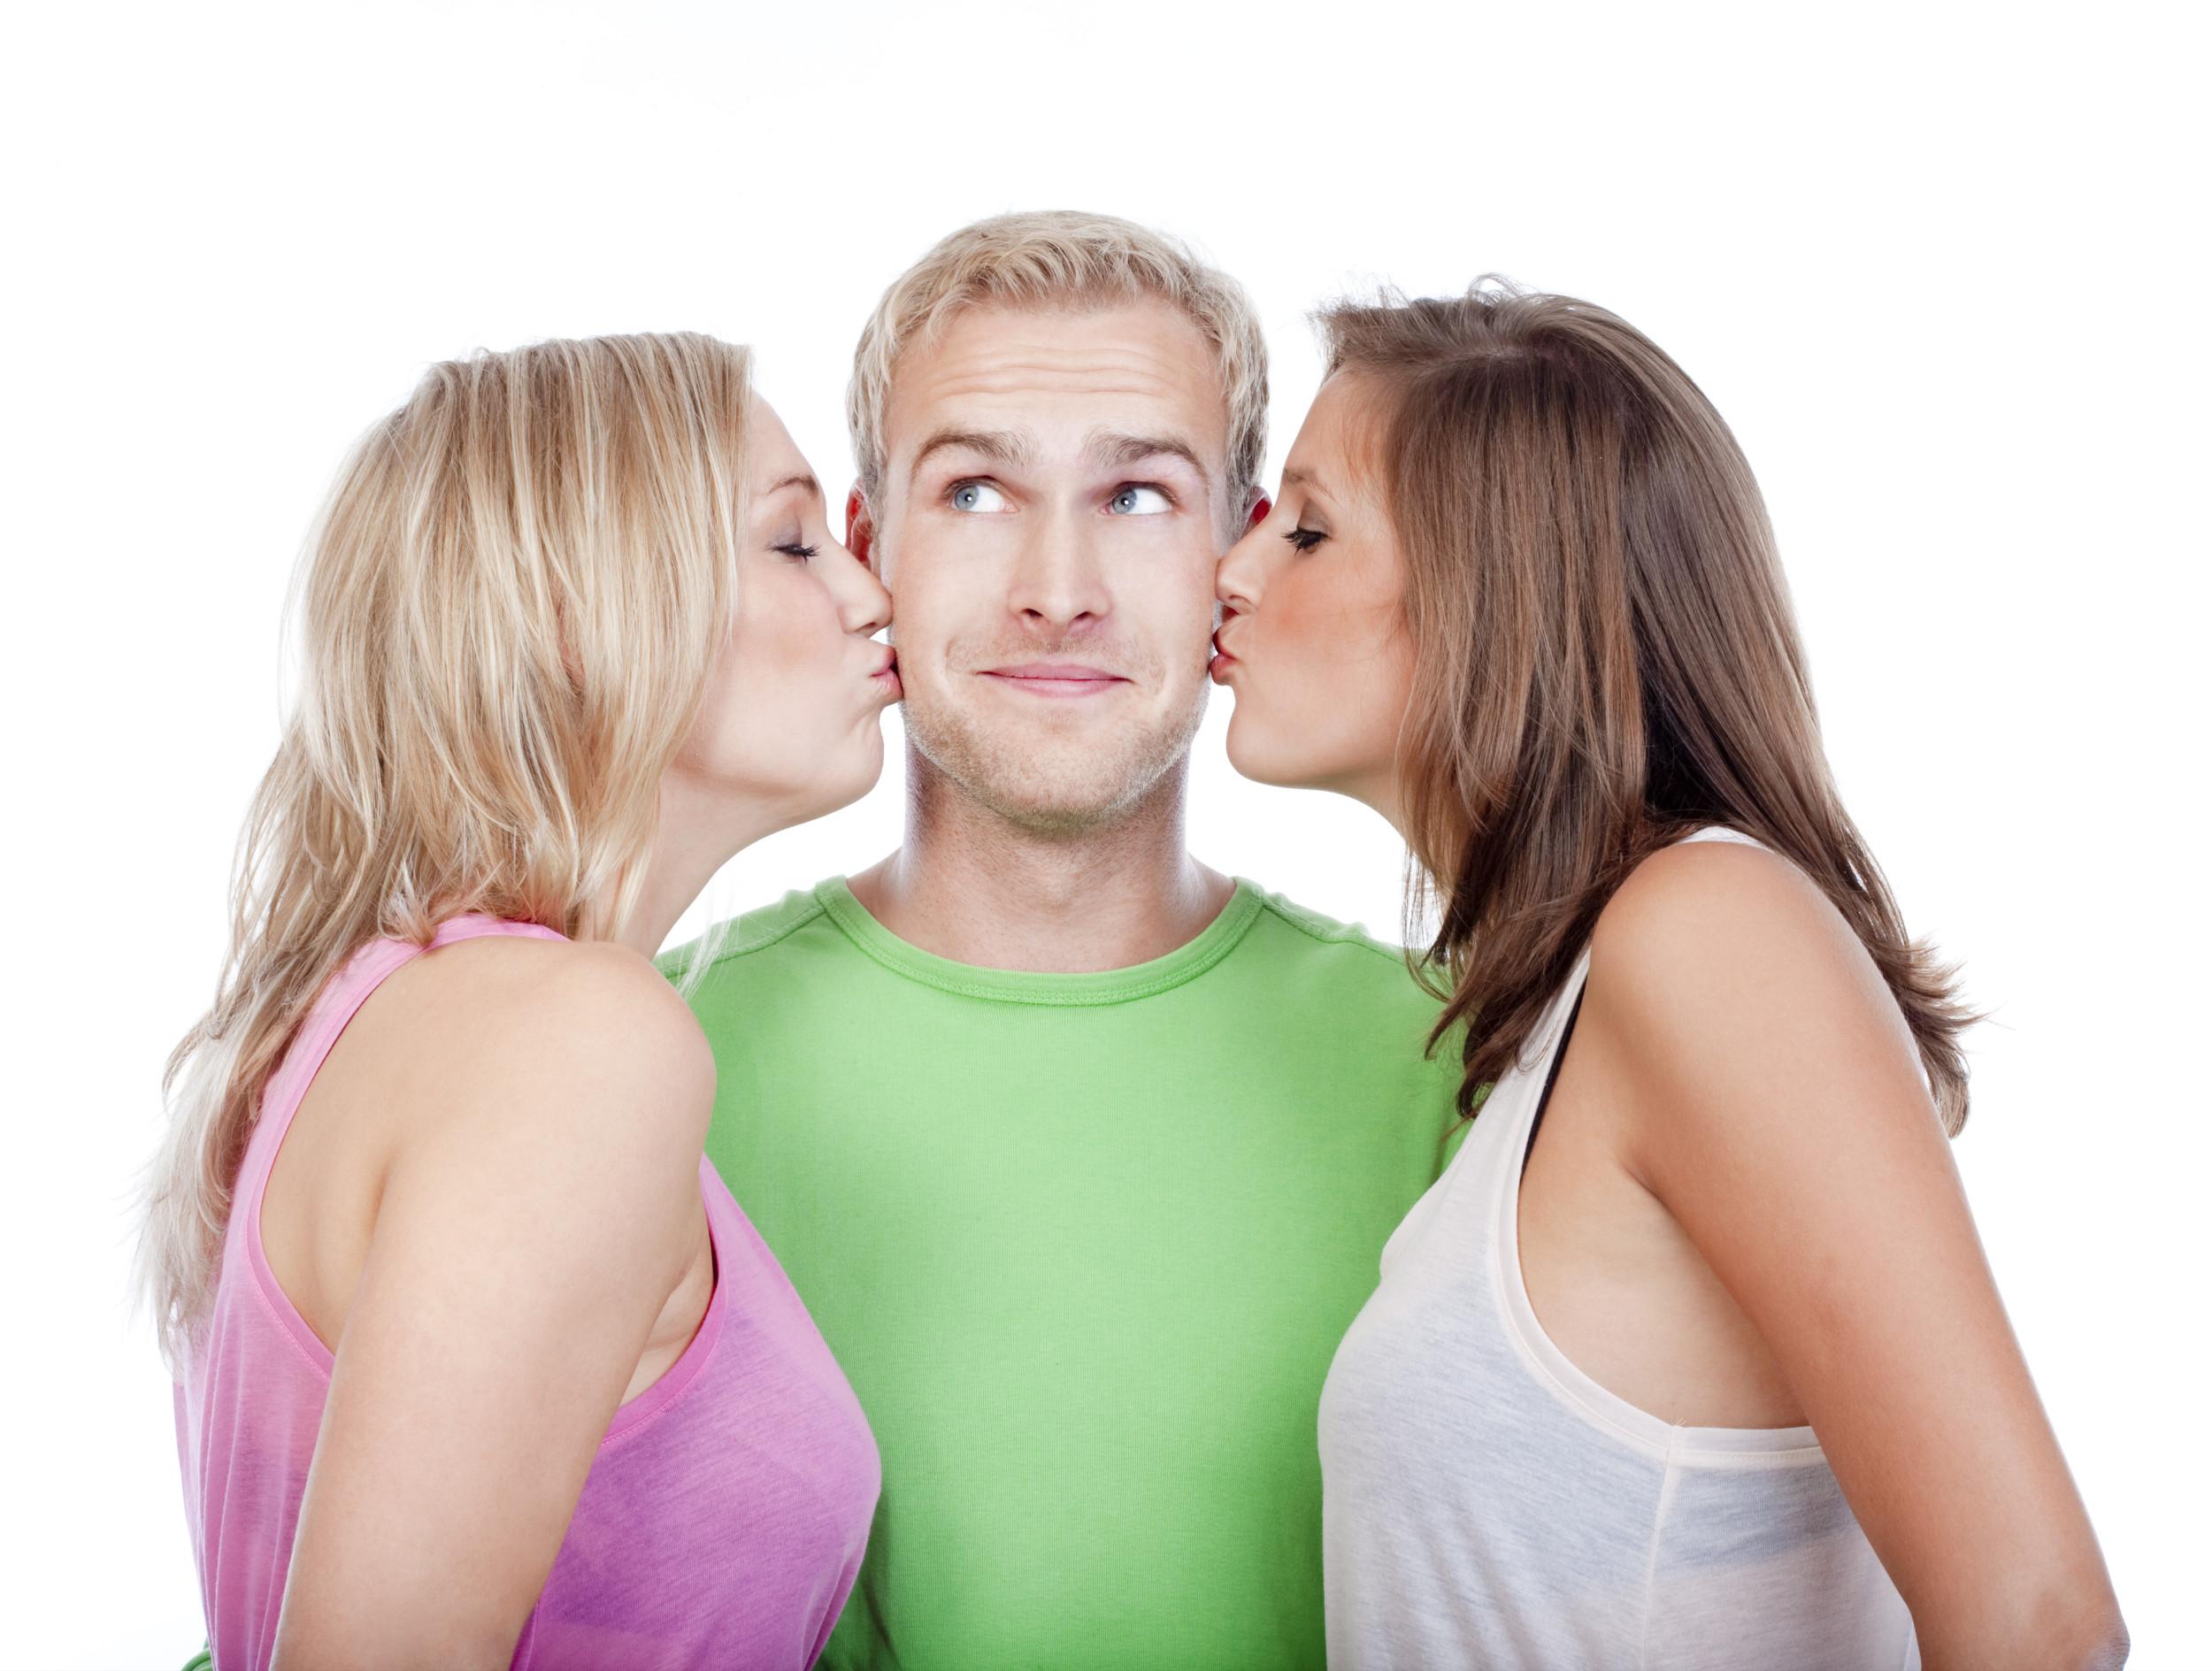 5 ways to meet amazing men and women online - OKAutoDate